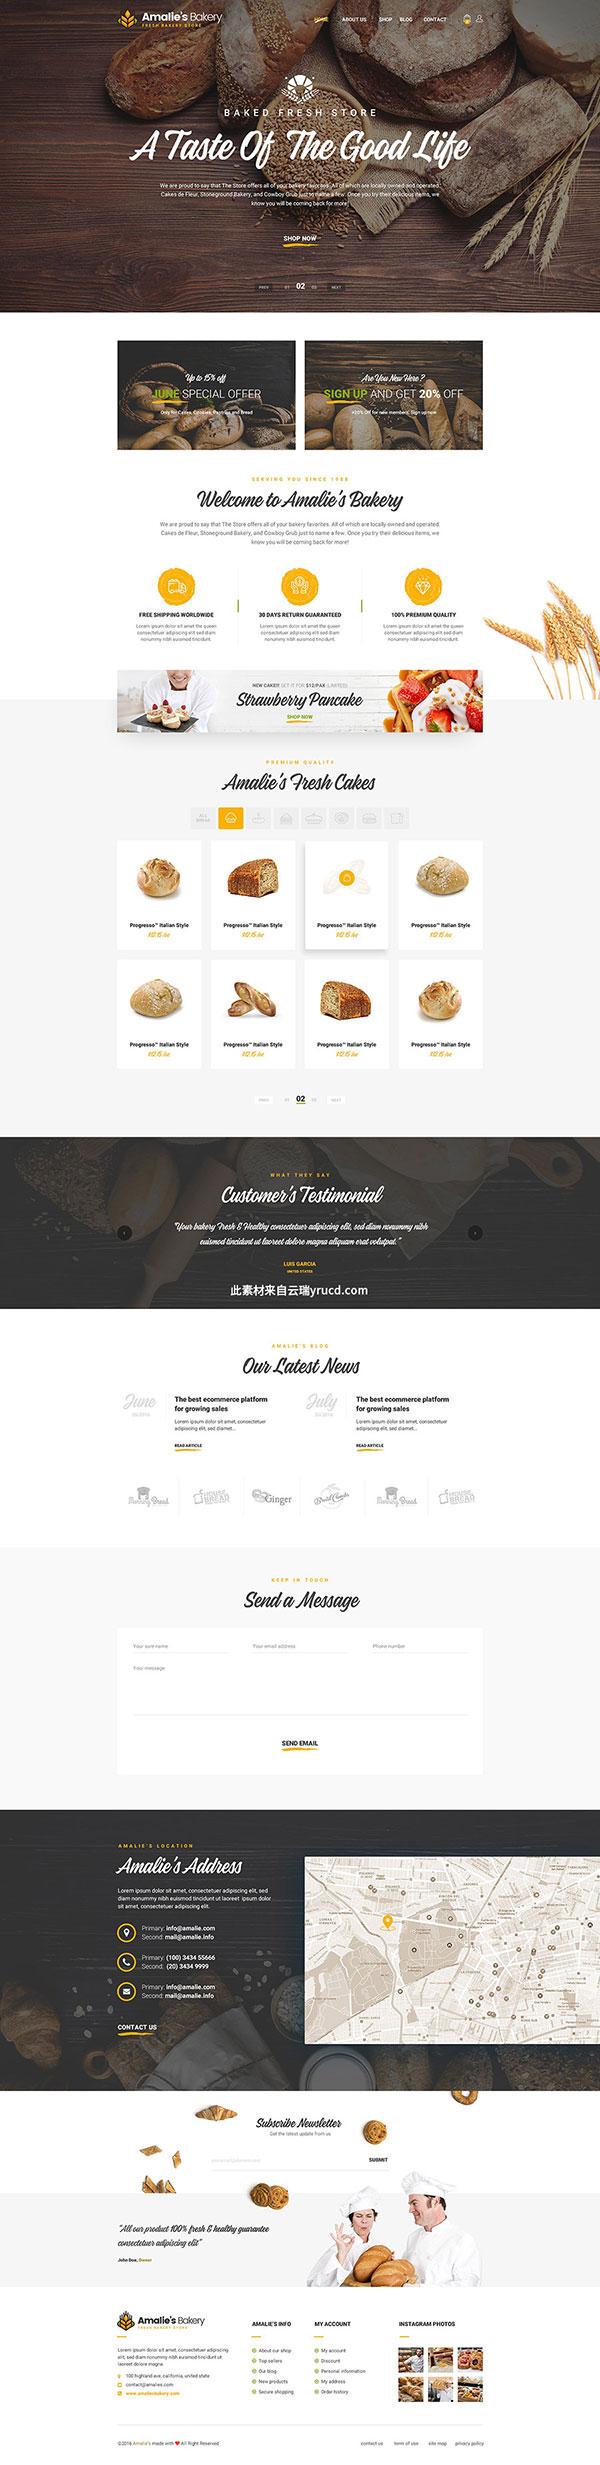 3 点 关键词: 面包店蛋糕店网页模板,网页设计,设计模板,面包店网页图片